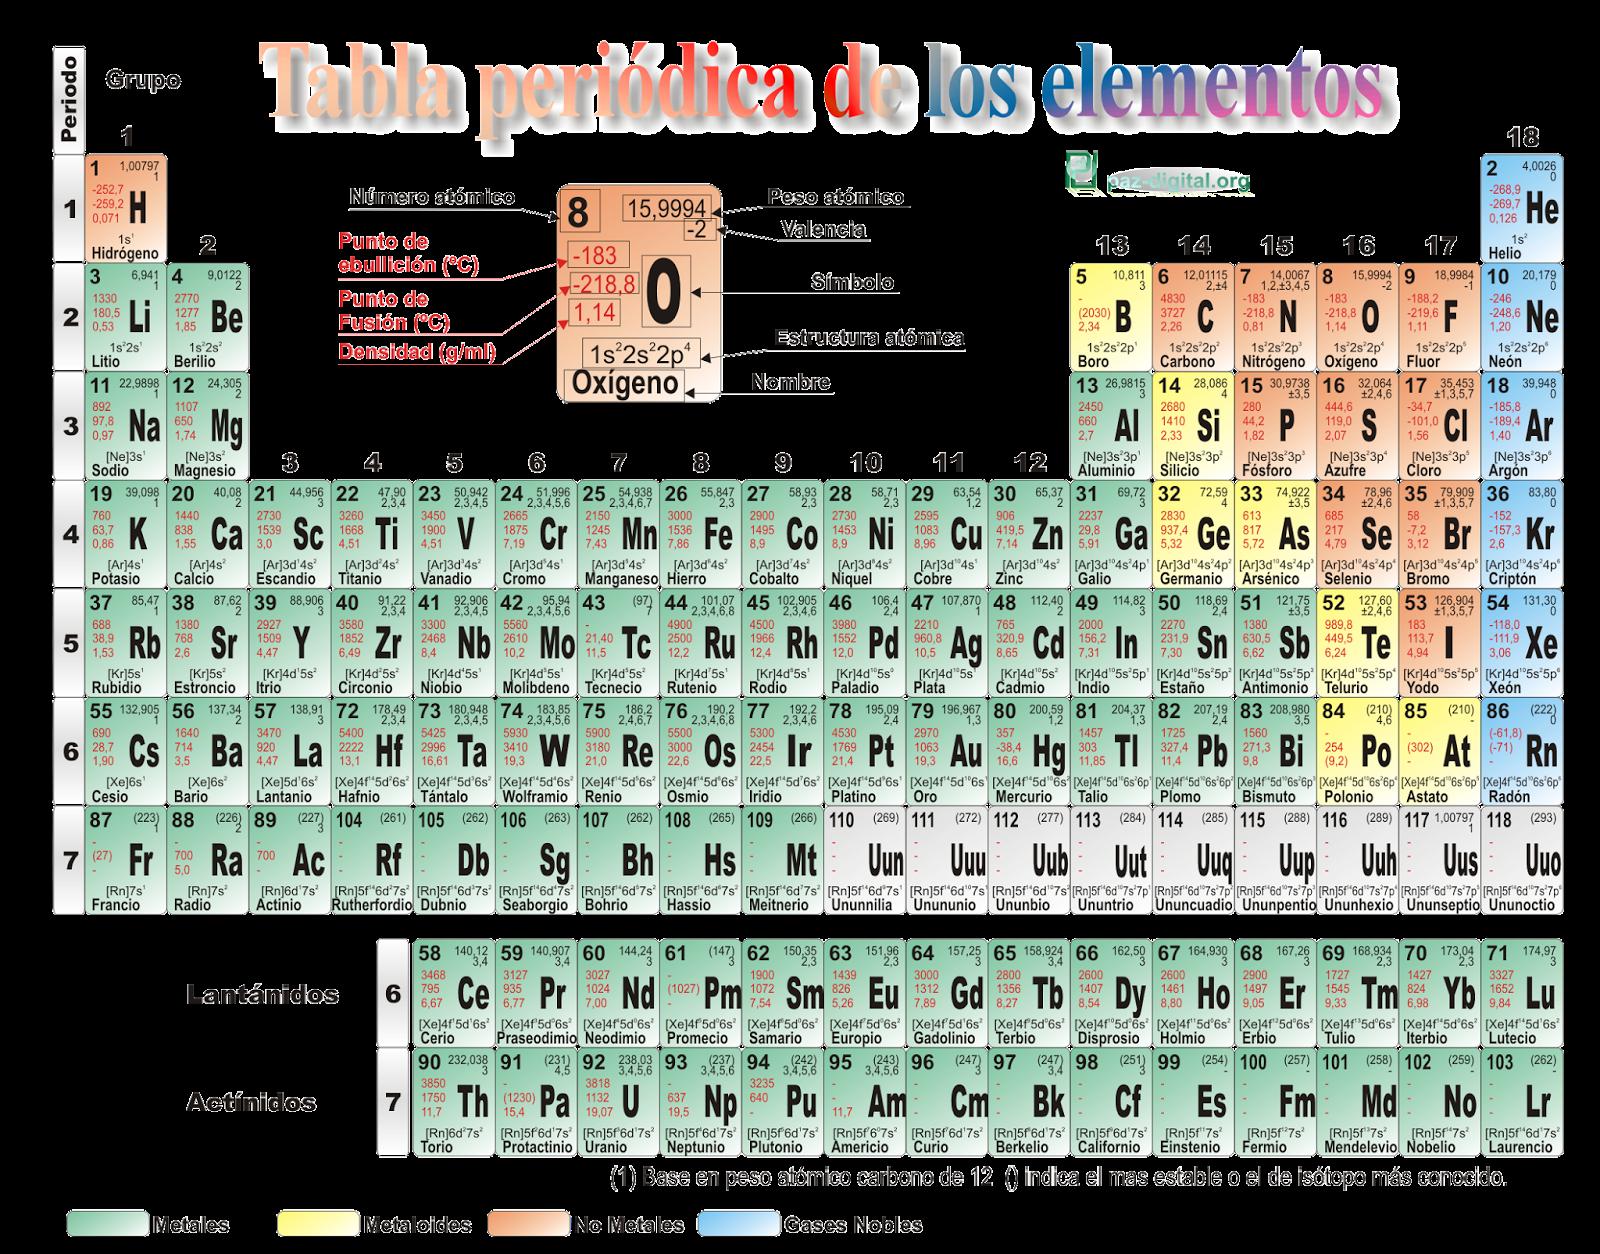 Fisica y quimica en san isidro tabla peridica de los elementos i parte clickea sobre la imagen con el botn derecho y podes guardar la tabla peridica de los elementos para luego imprimirla urtaz Gallery